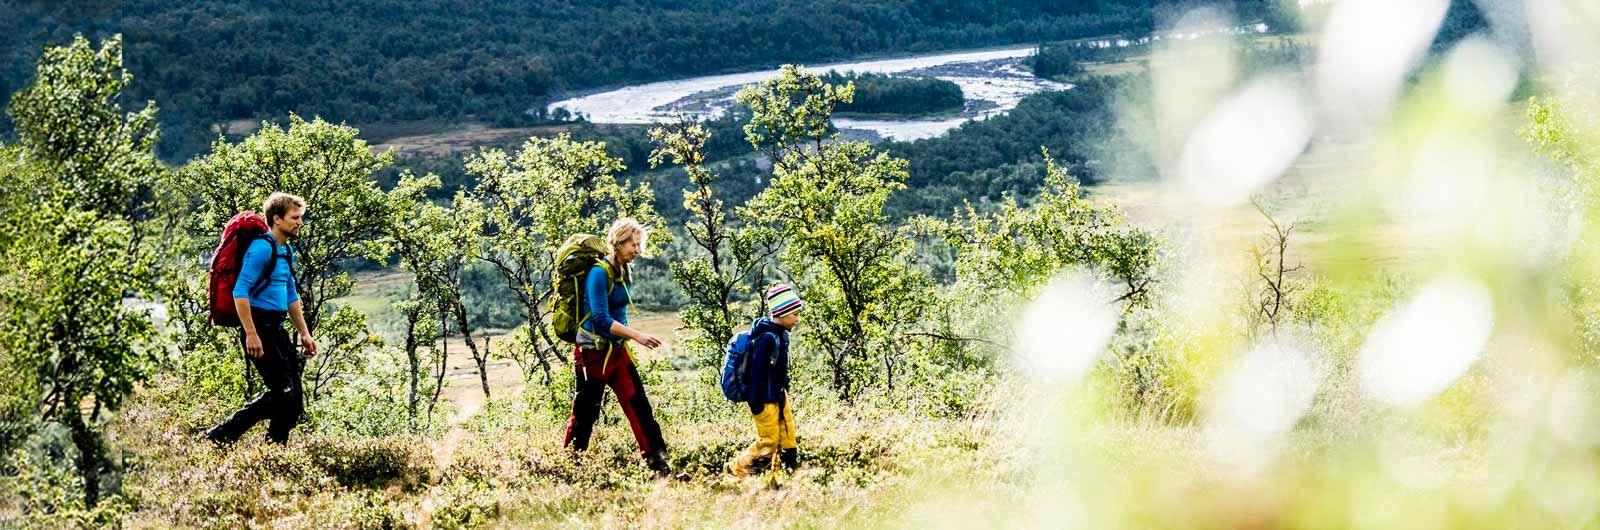 Vandring med barn grönskande landskap